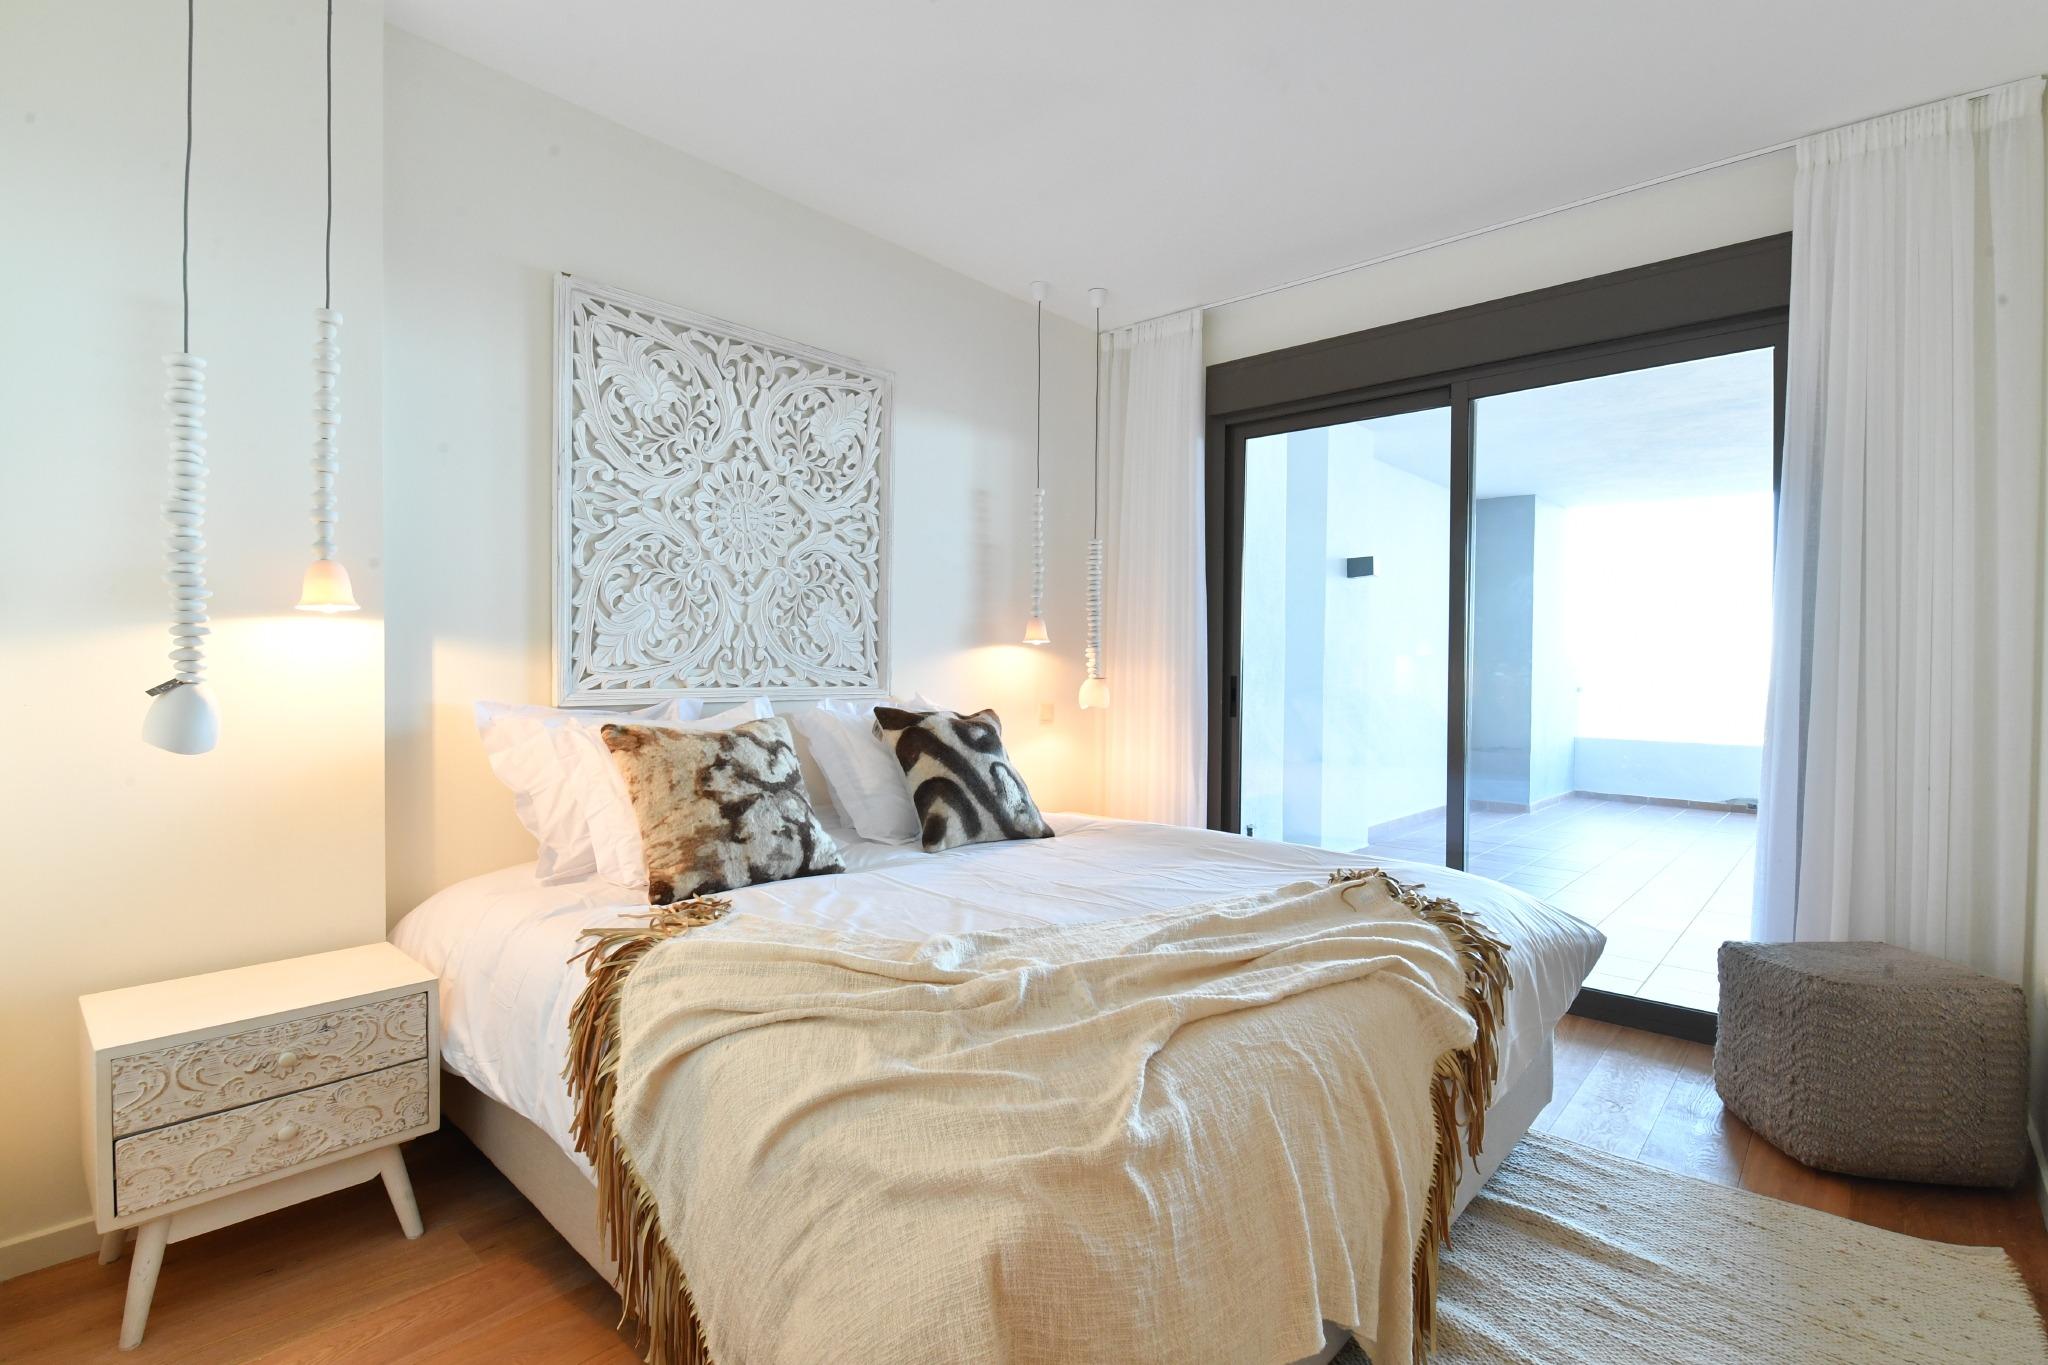 La-Cala-Suites-Ibiza-Style-Interior-8